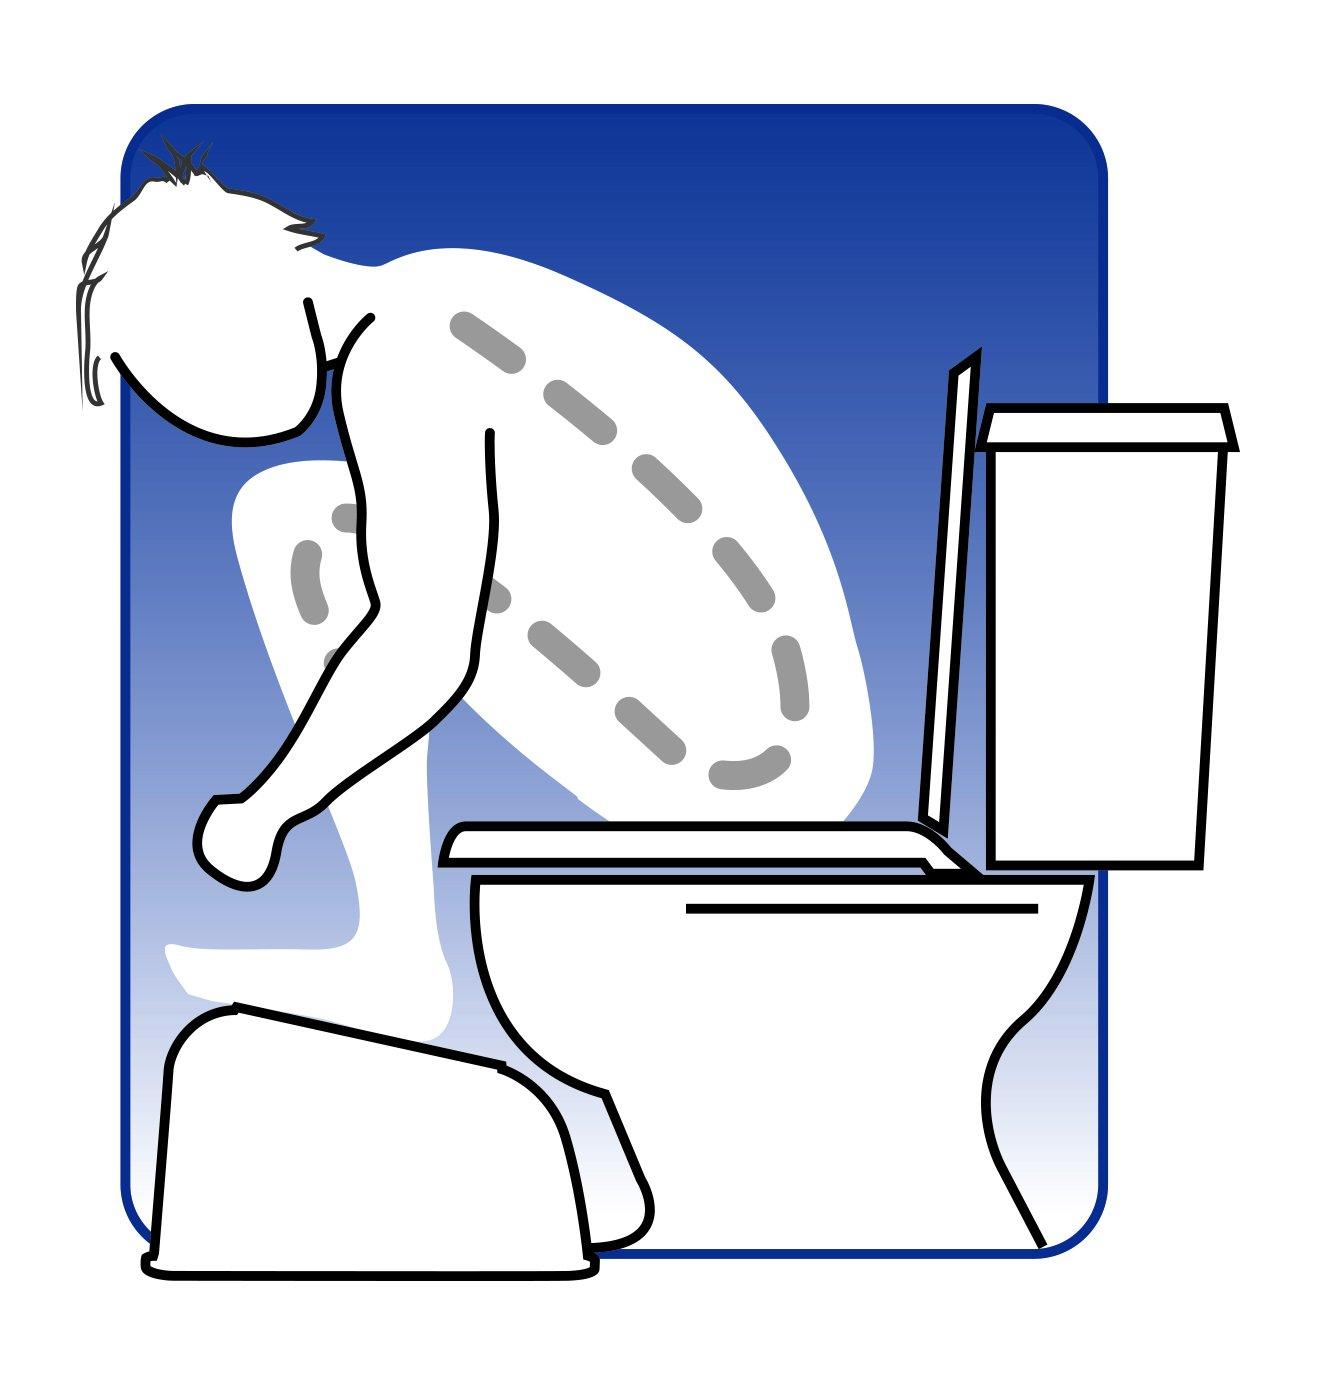 BodyHealt Squatting Bathroom Toilet Stool Footrest - 7.75 Inch Height